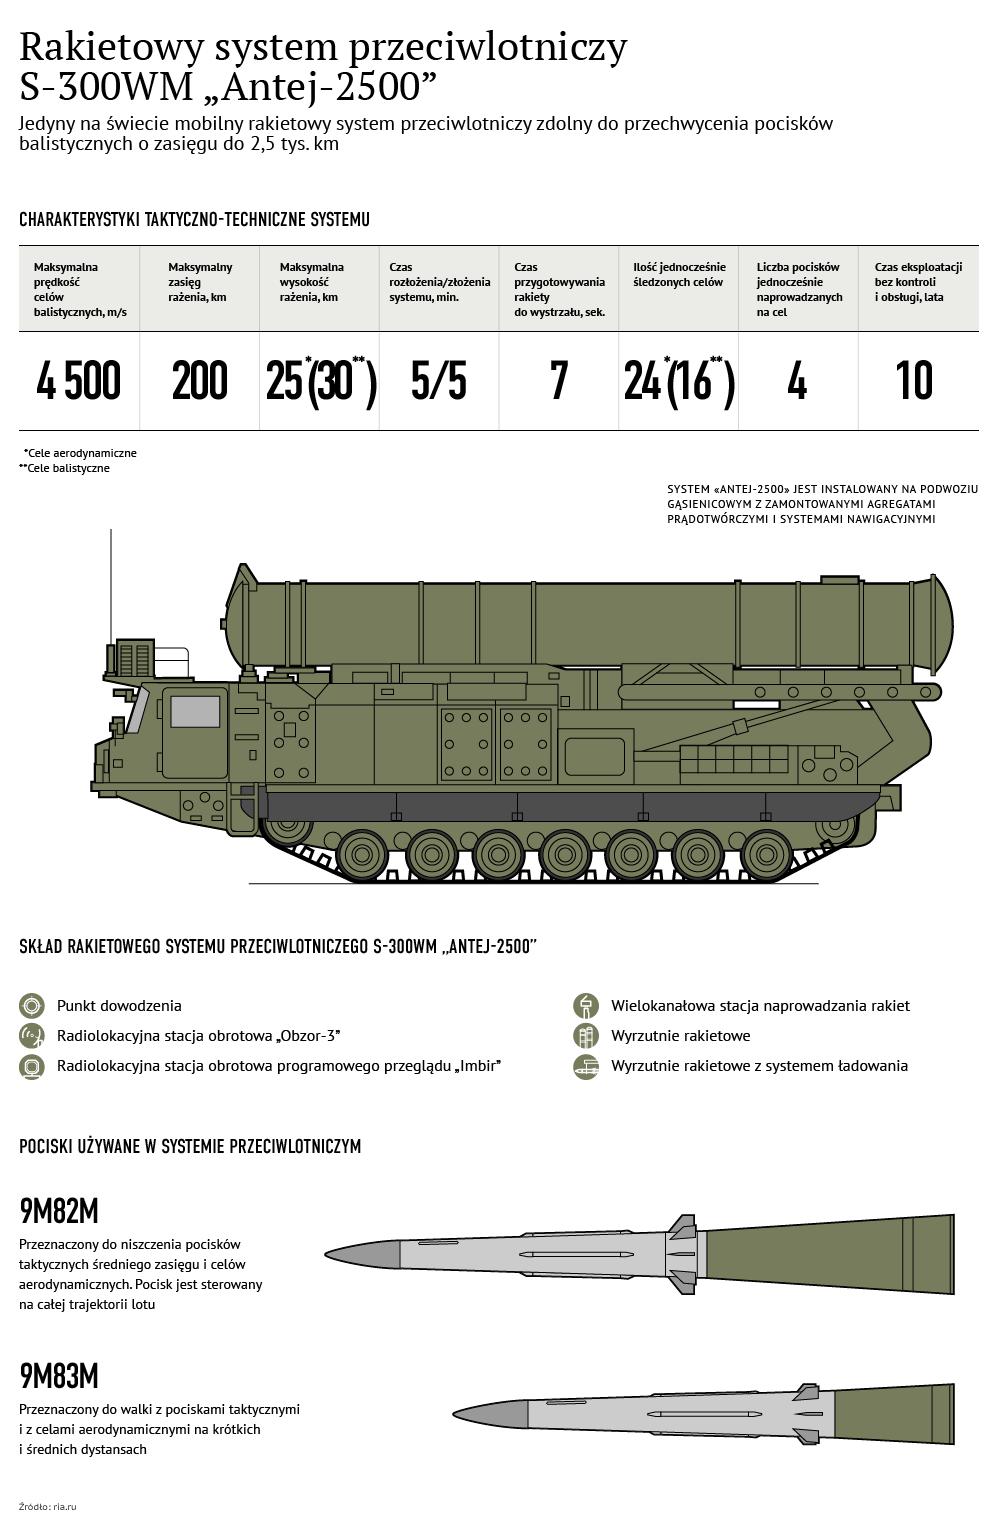 Rakietowy system przeciwlotniczy S-300WM - Sputnik Polska